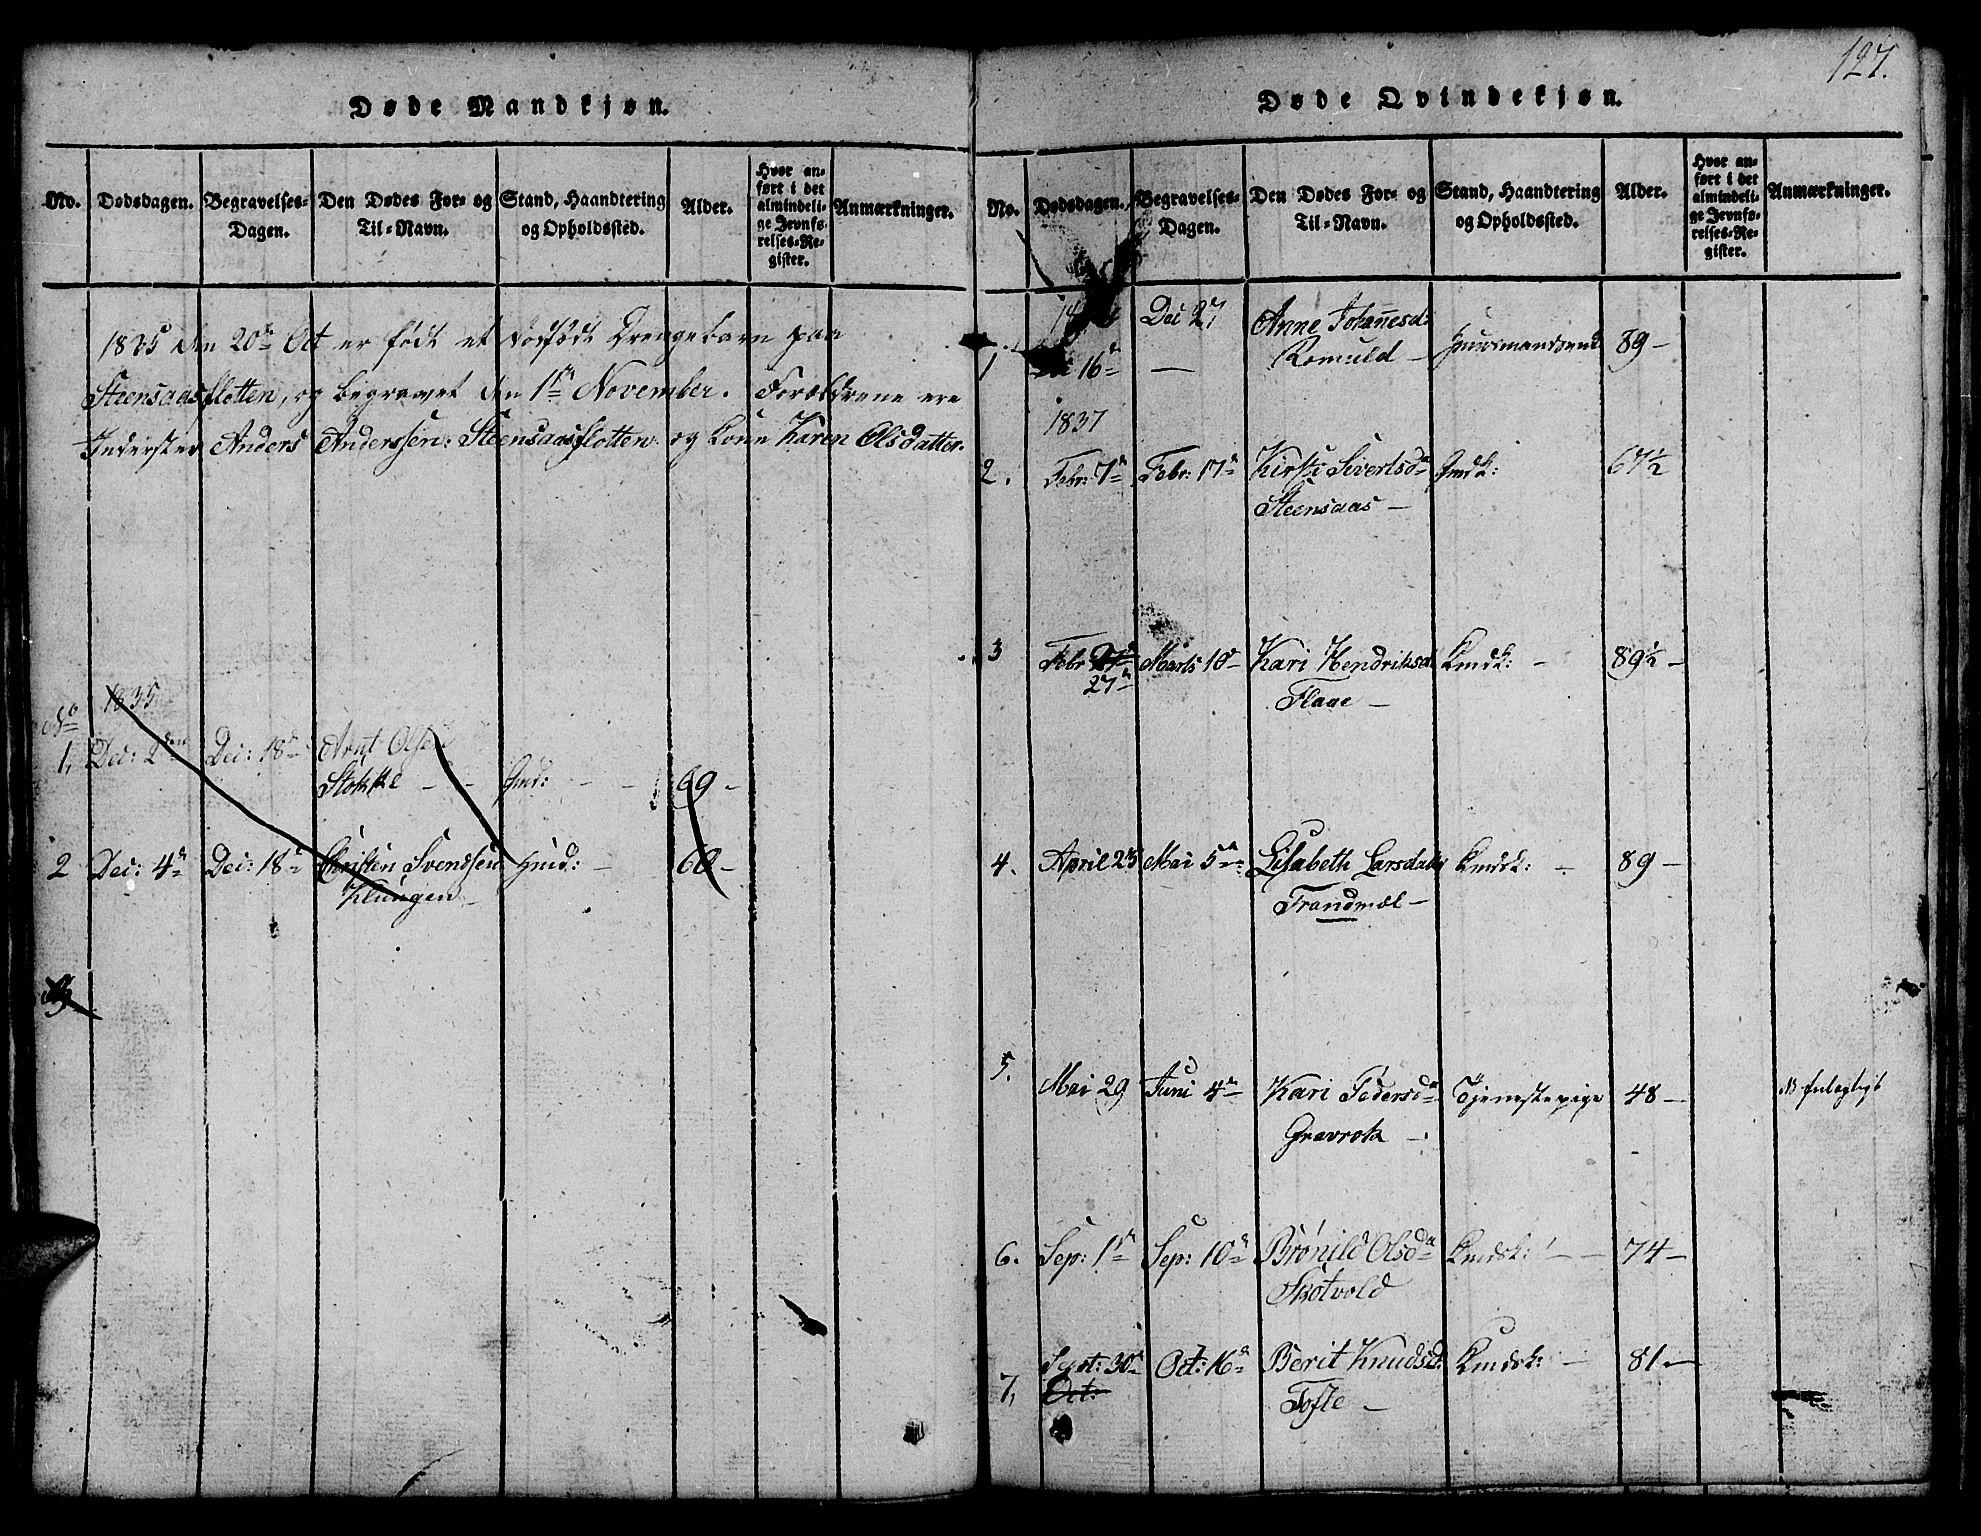 SAT, Ministerialprotokoller, klokkerbøker og fødselsregistre - Sør-Trøndelag, 691/L1092: Klokkerbok nr. 691C03, 1816-1852, s. 127